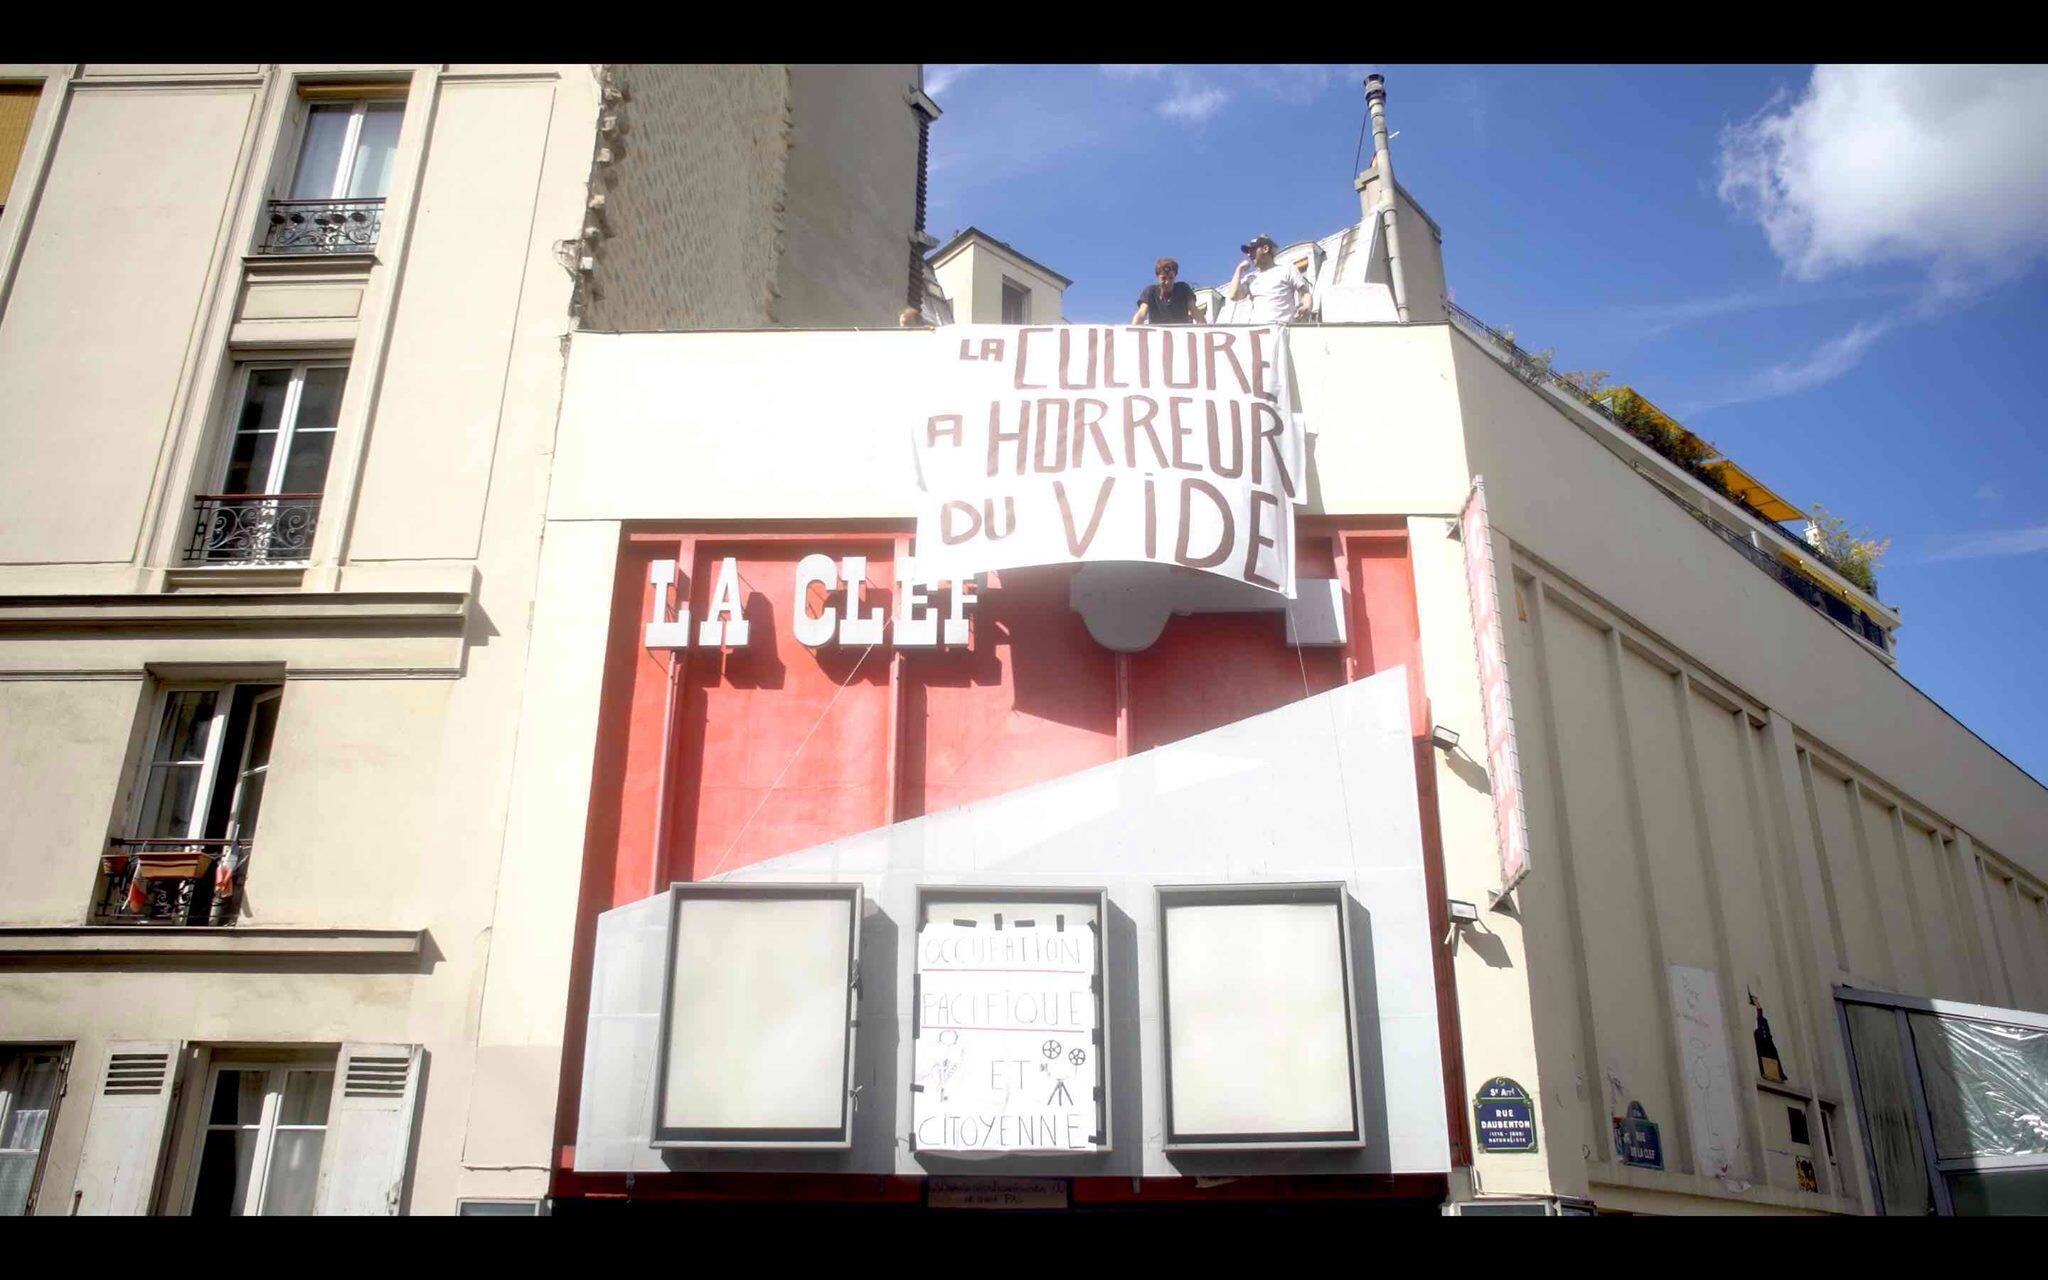 """На фасаде """"оккупированного"""" кинотеатра La Clef установлен лозунг с надписью """"Культура не терпит пустоты""""."""